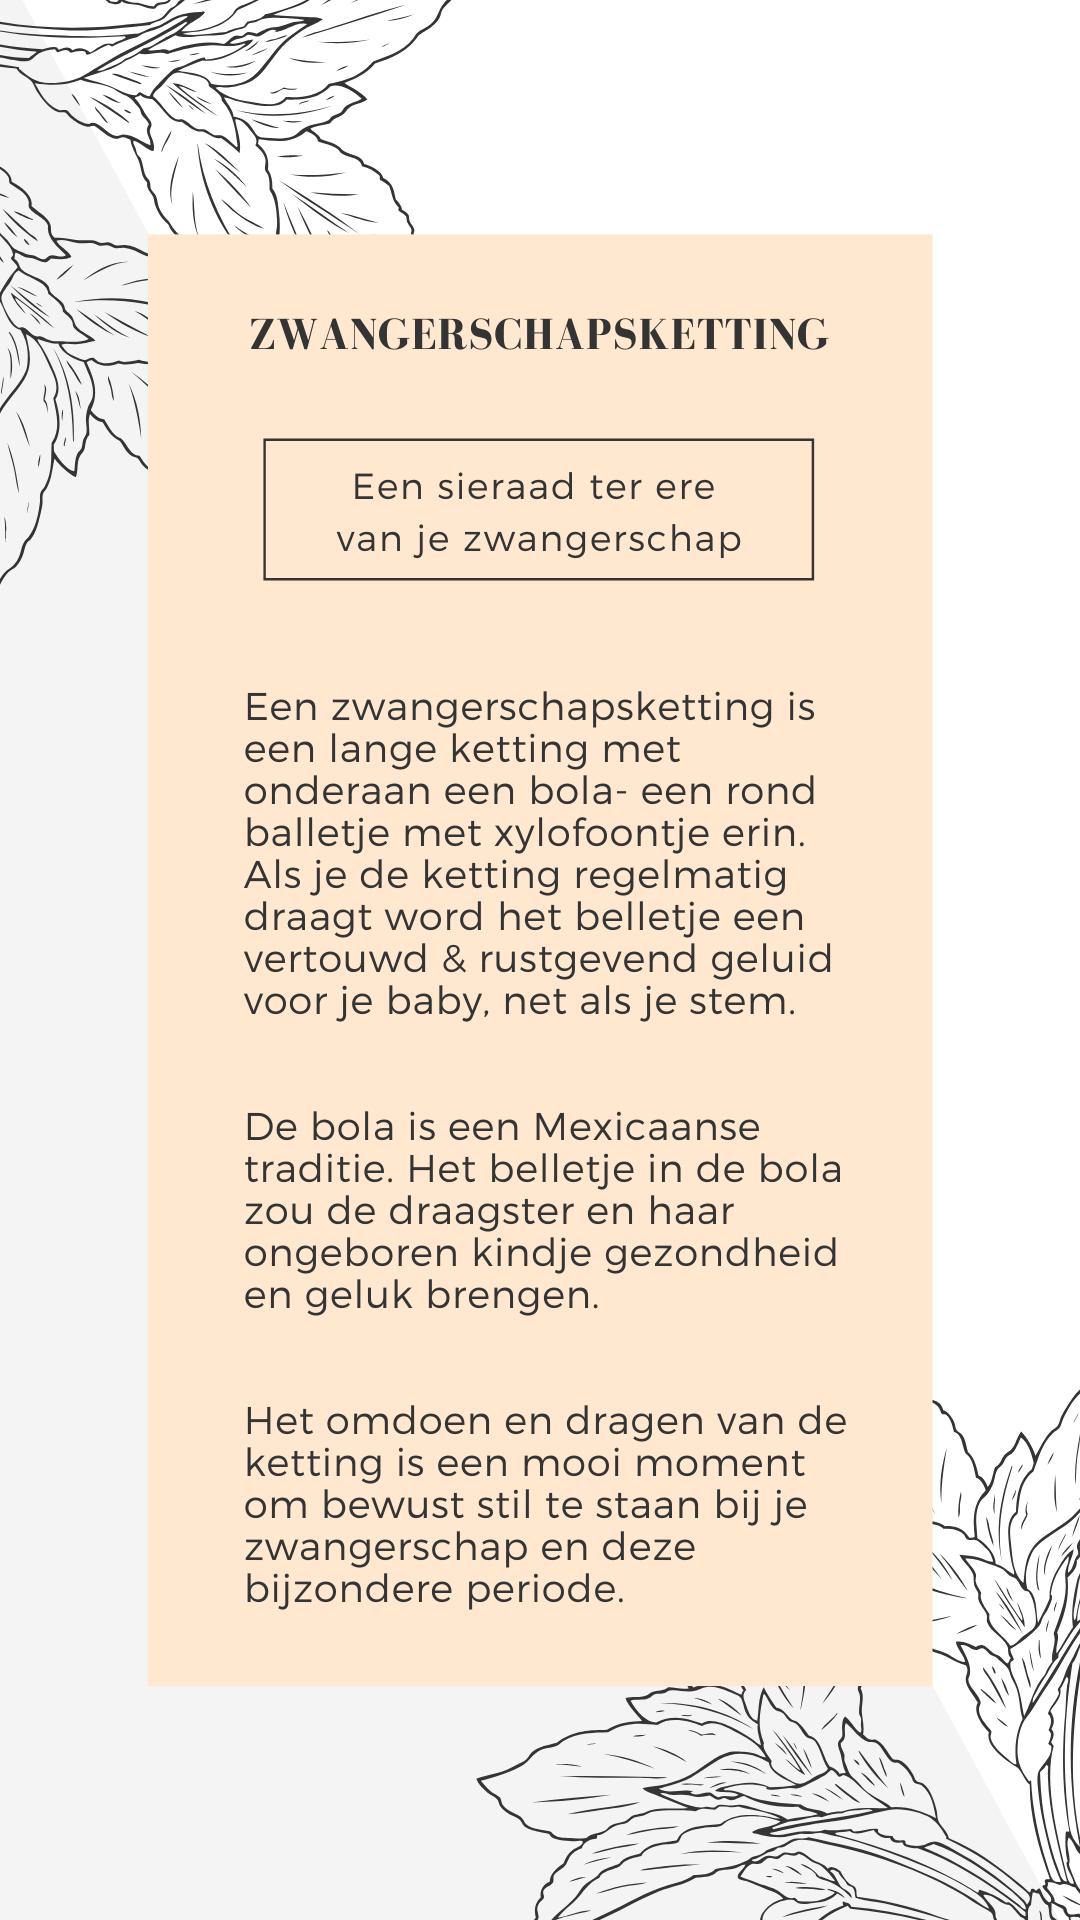 ZWangerschapsketting info.png